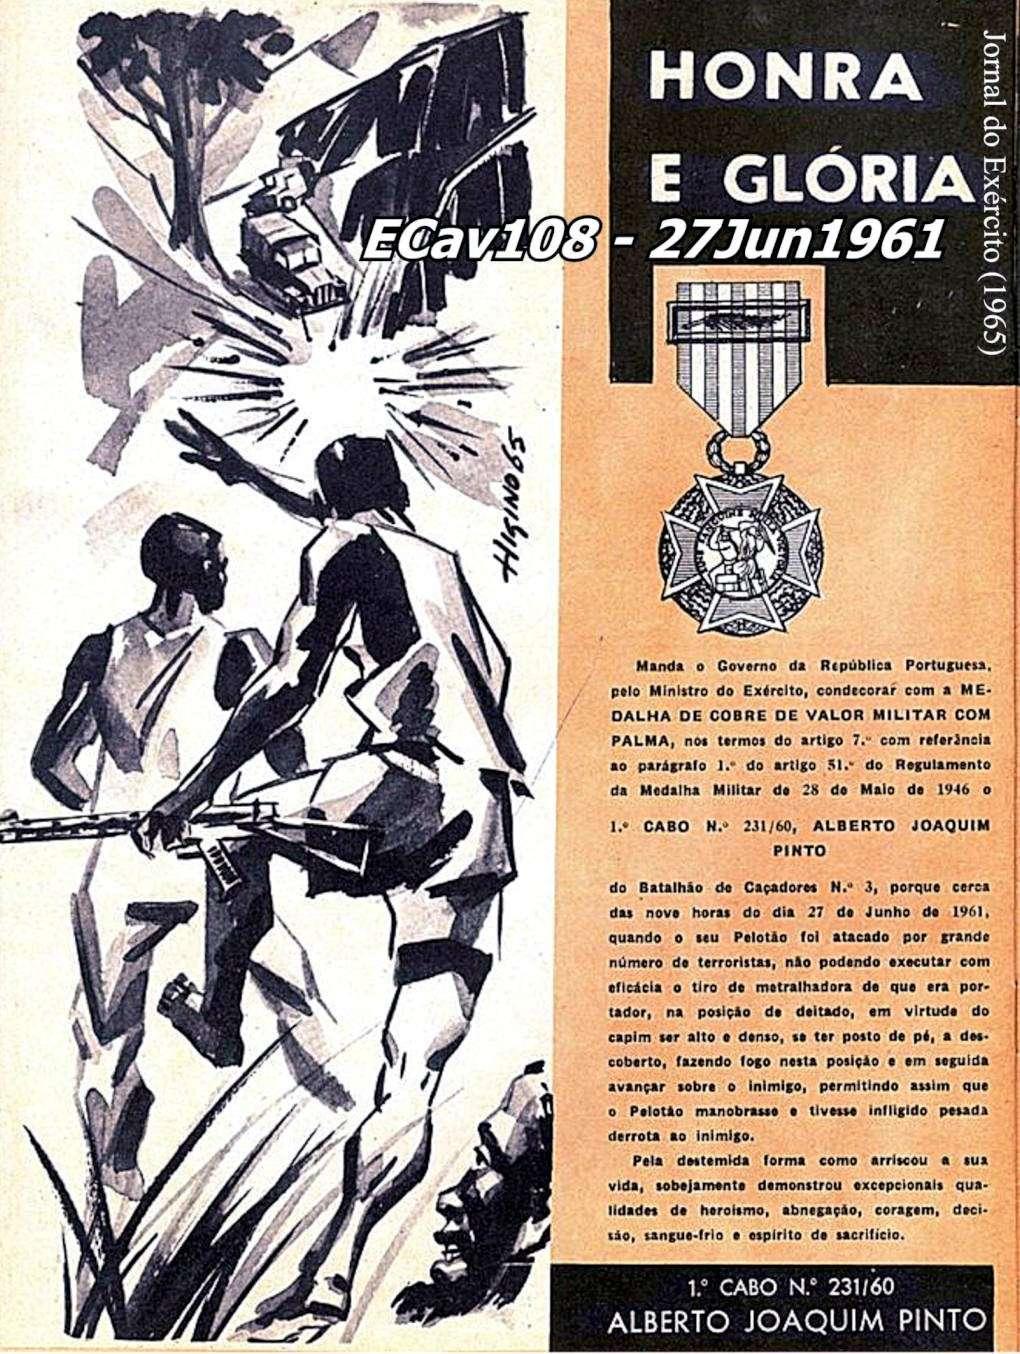 Alberto Joaquim Pinto, do ECav108/RMA: Medalha de Cobre de Valor Militar, com palma Ecav1011